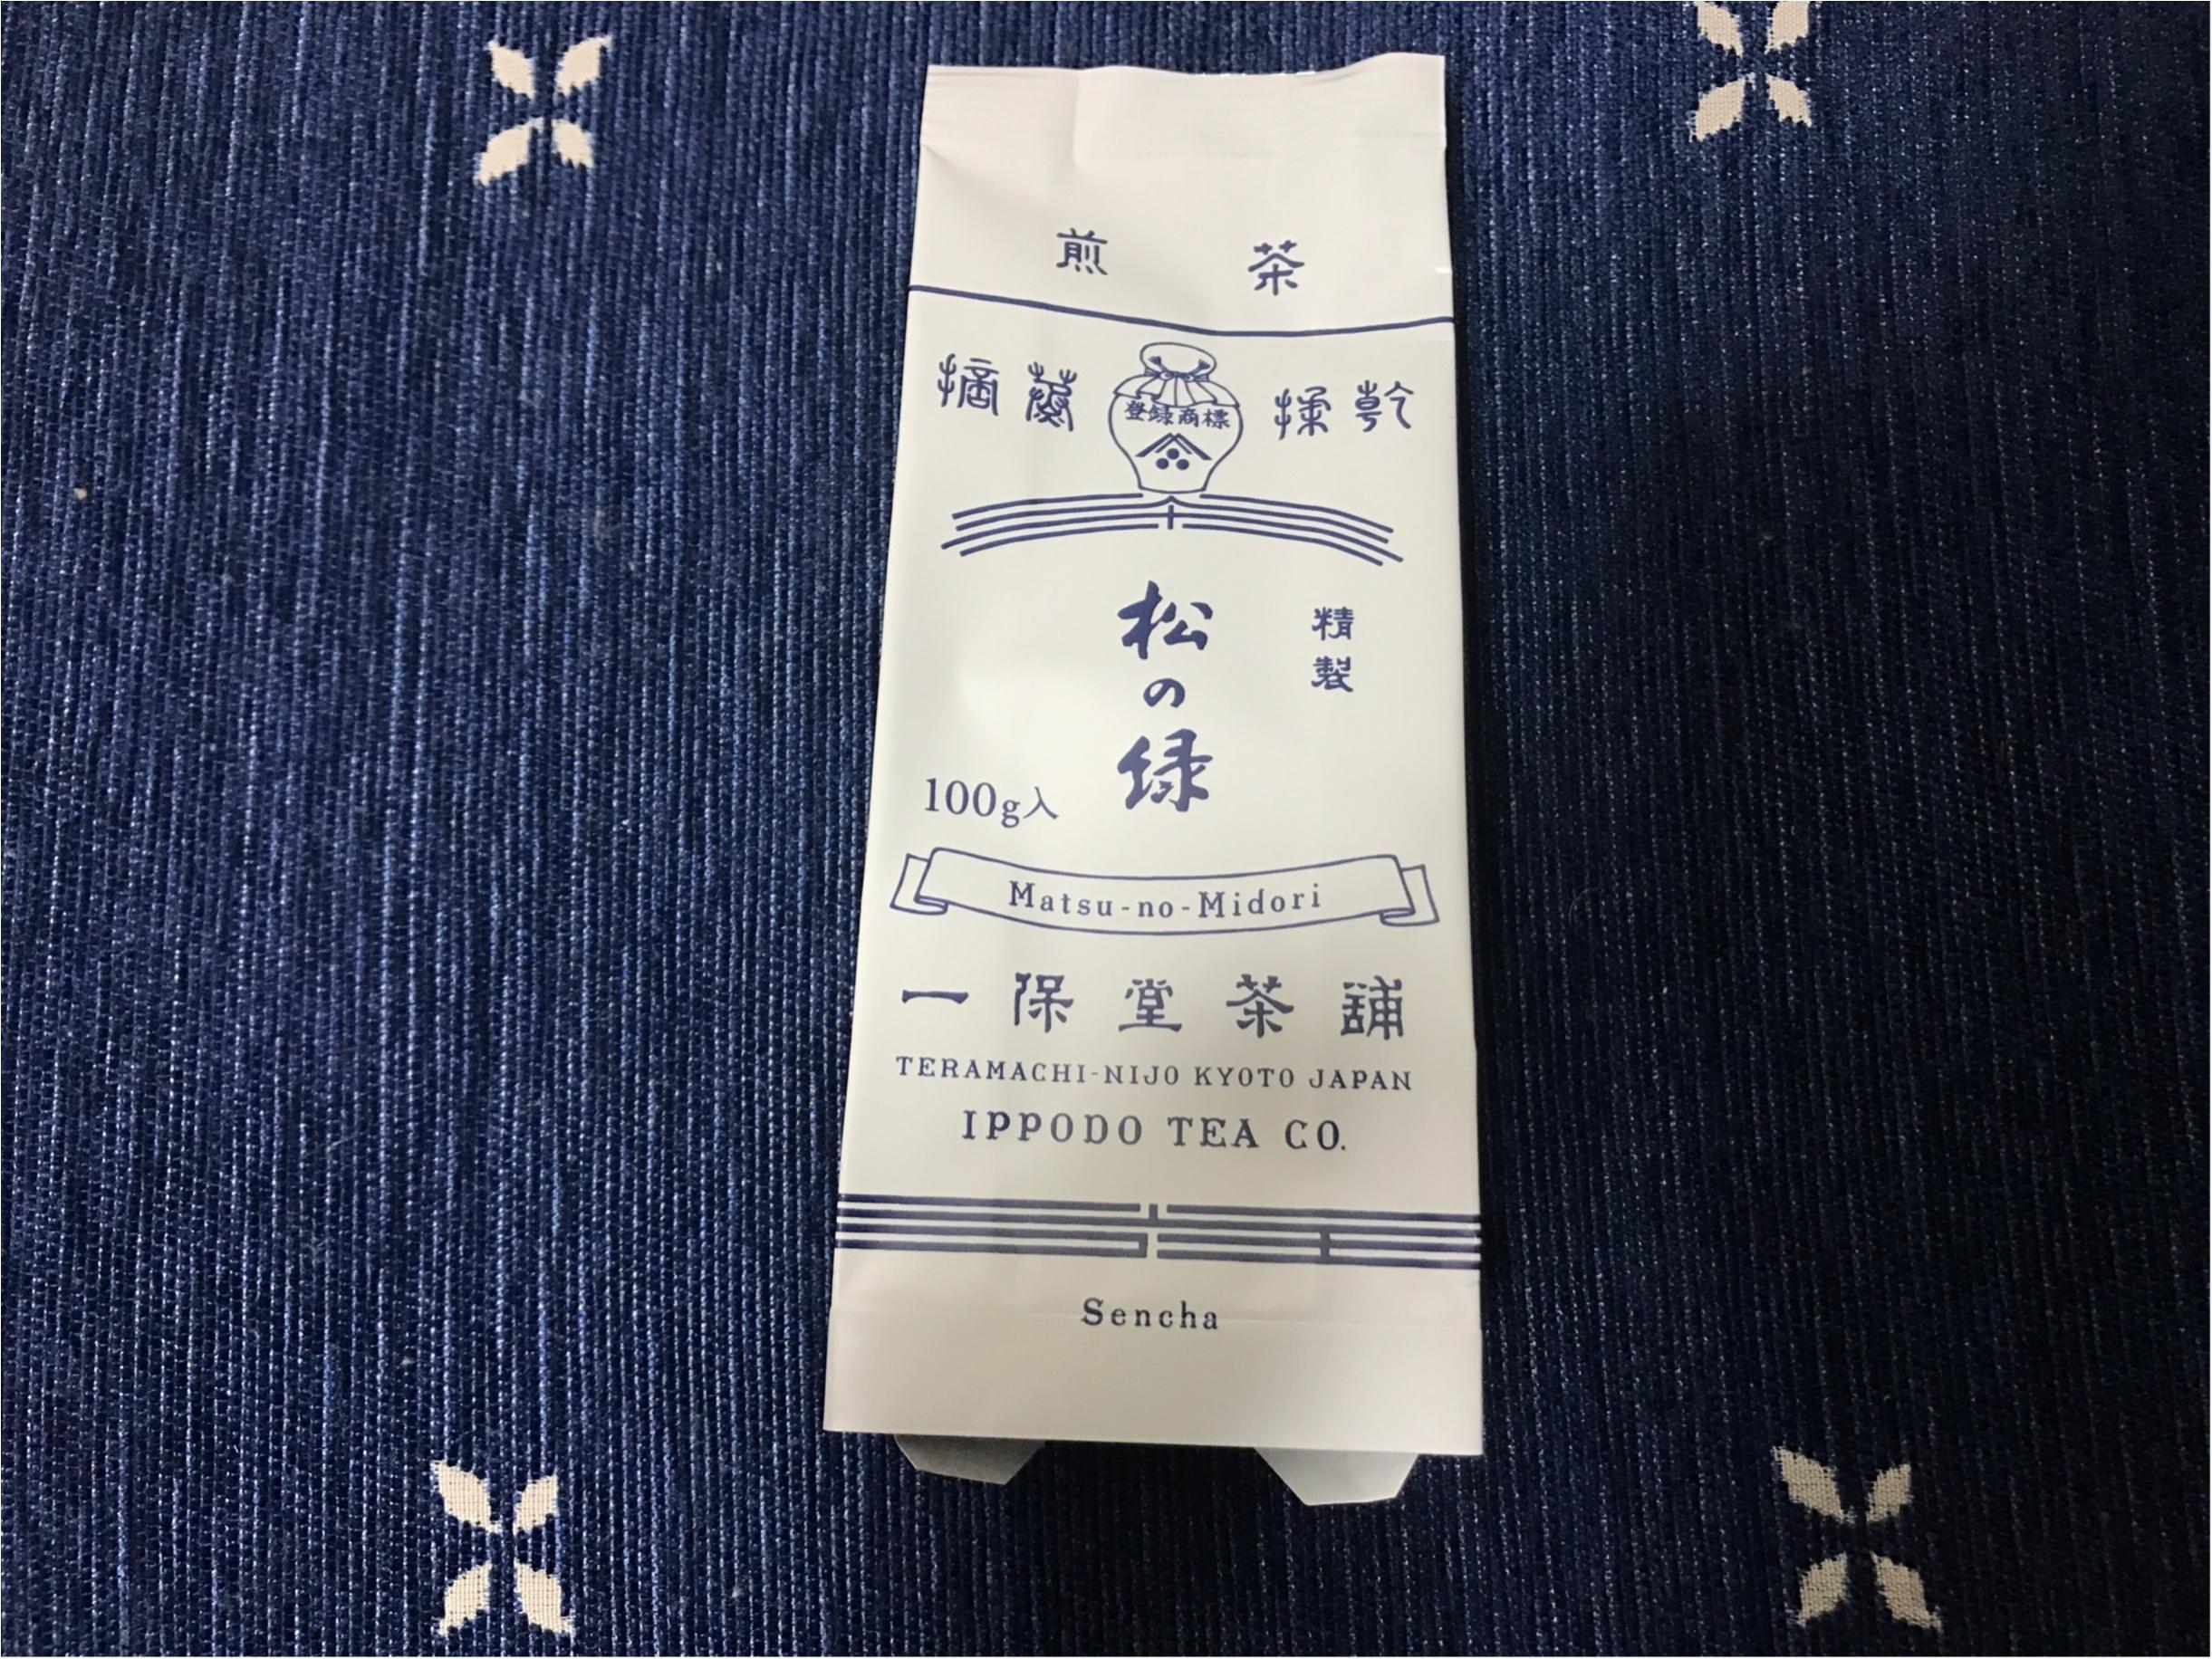 """【緑茶美容法】おいしい緑茶で""""スッピン美人""""に!デパートでも手軽に手に入る!京都の老舗""""一保堂""""のお茶が香りも味も一流!おいしいから毎日続けられる美容法!_2"""